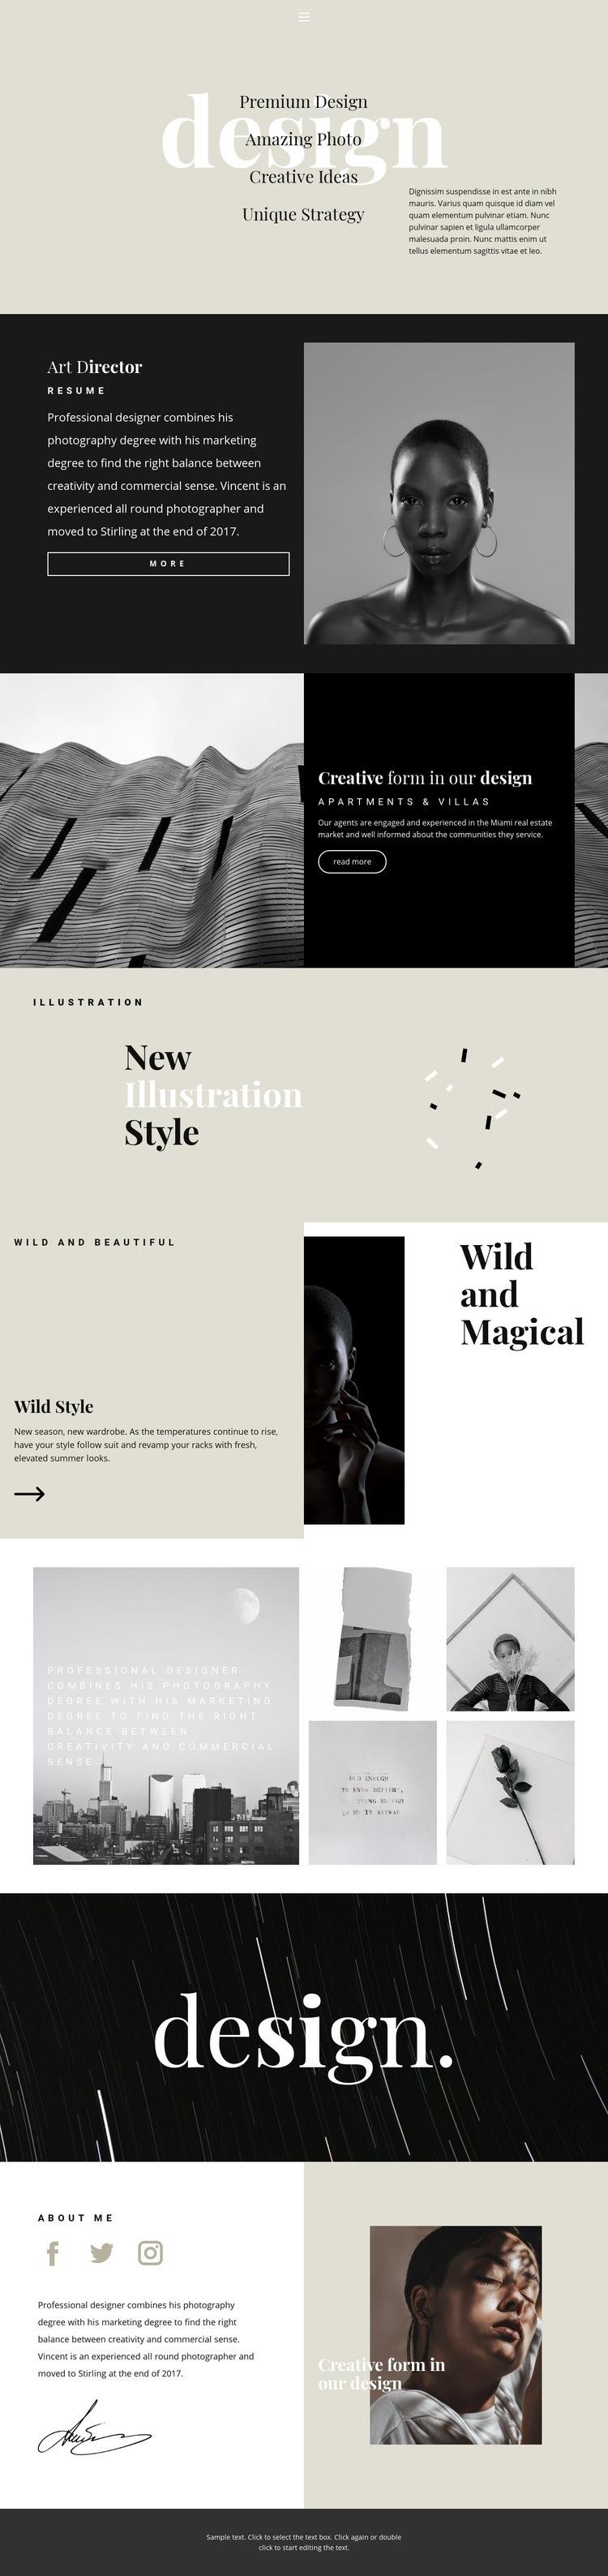 Directions of design studio Website Maker